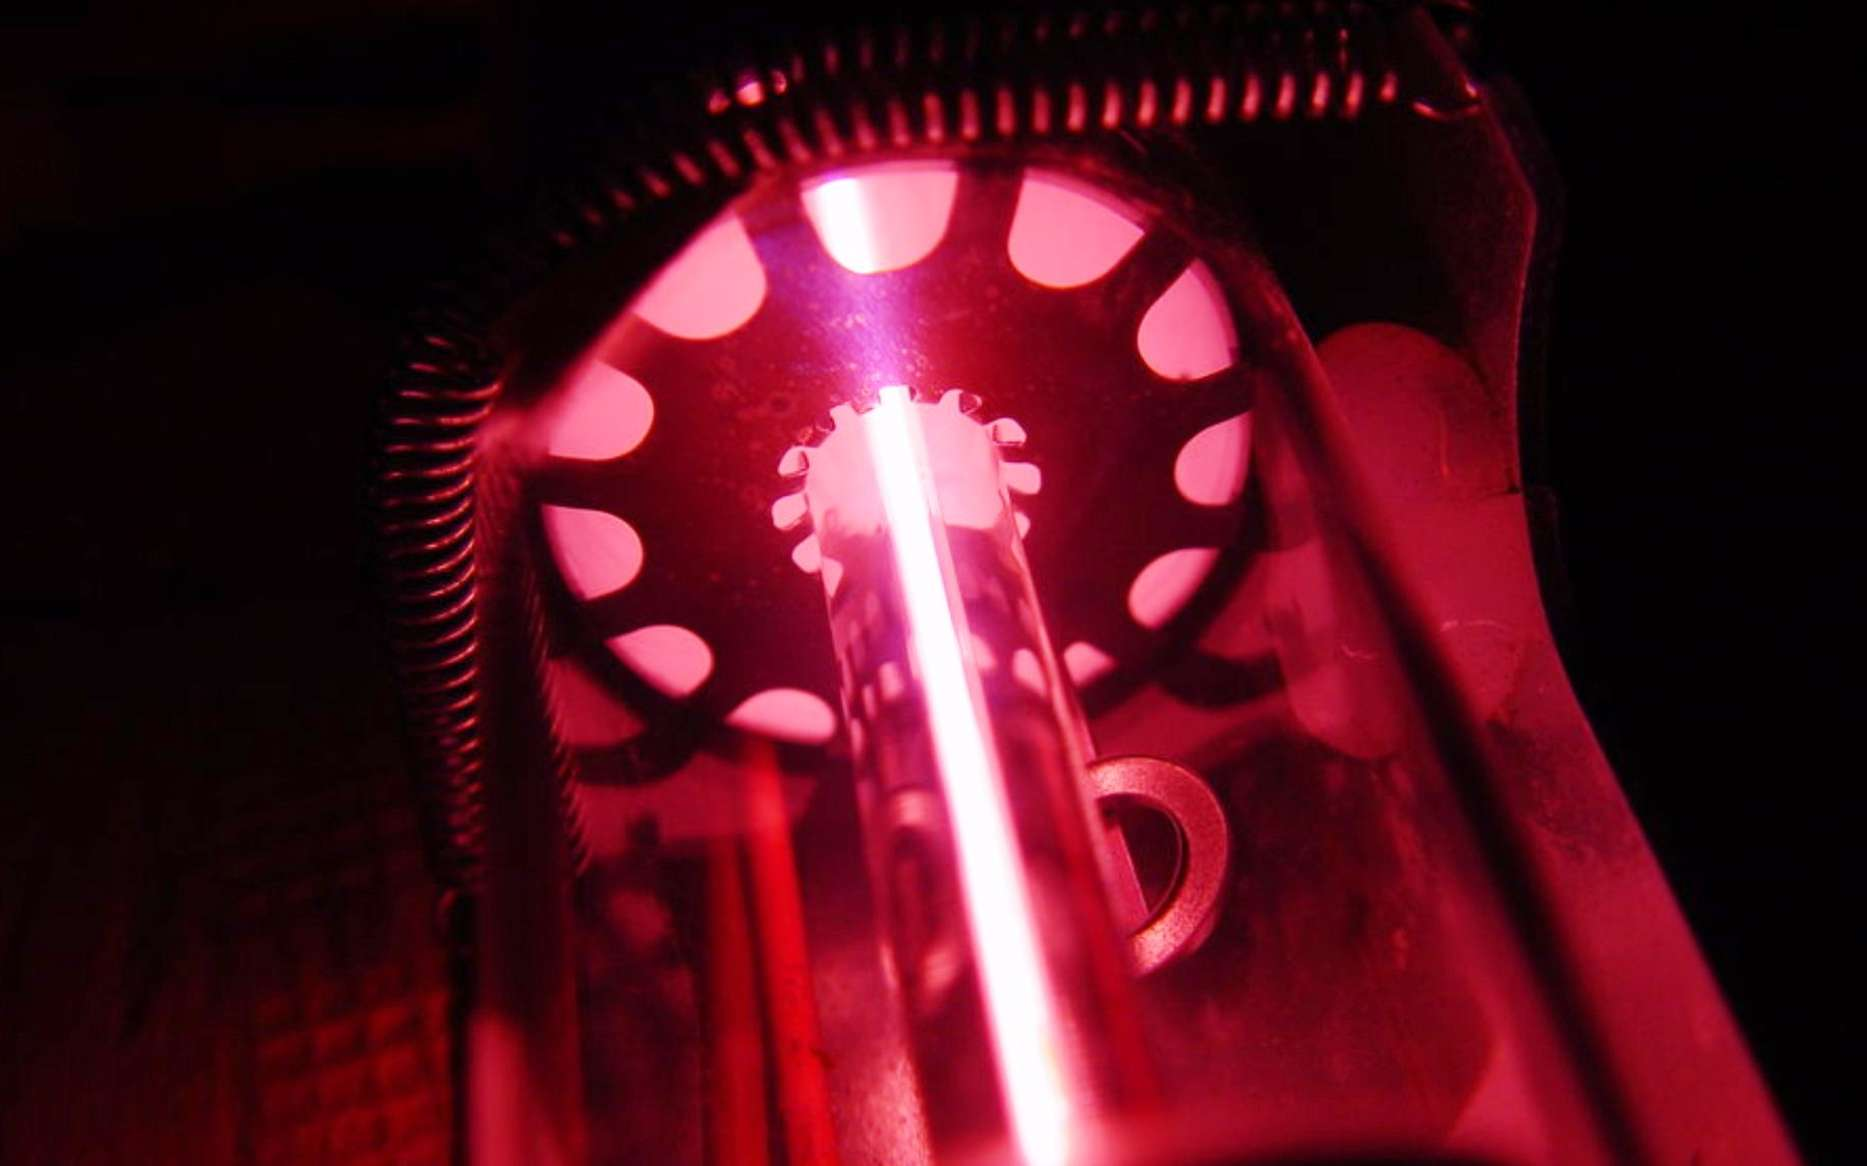 Des chercheurs irlandais viennent de mettre en évidence une nouvelle forme de lumière. Ici, un laser à hélium-néon semblable à celui qui leur a permis de vérifier une prédiction de la mécanique quantique datant des années 1980. © noomoahk, CC by 3.0